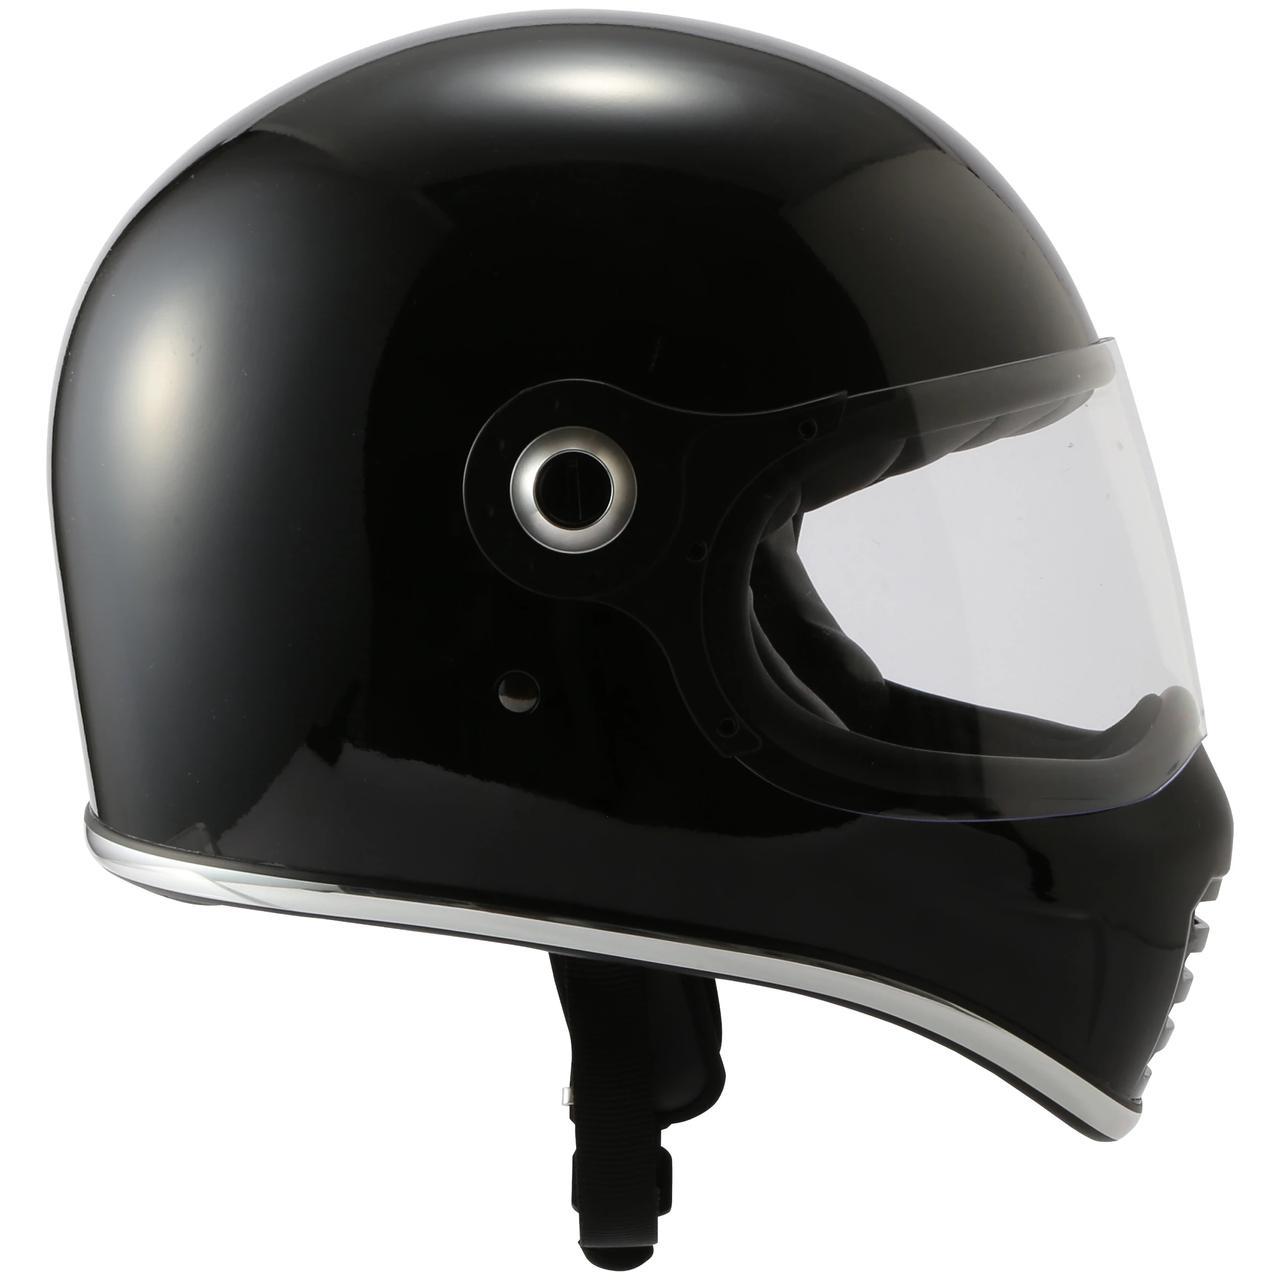 画像6: 【RIDEZ】ネオクラシックヘルメット「XX」(ダブルエックス)が発売開始! 価格も魅力的!